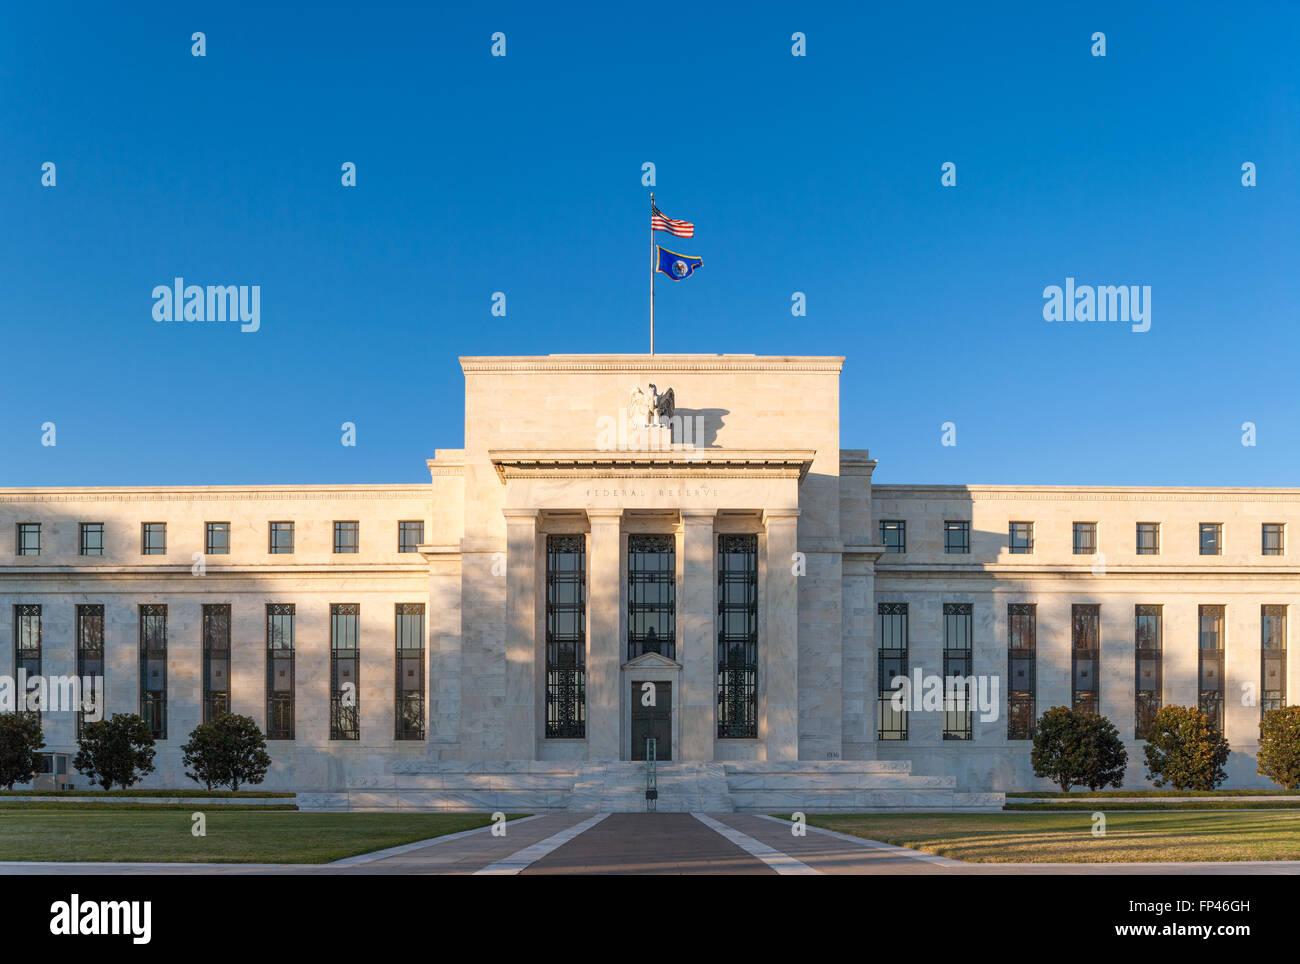 La Fed, Banque de Réserve fédérale, Washington DC. Marriner S. Eccles Building sur Constitution Avenue Photo Stock